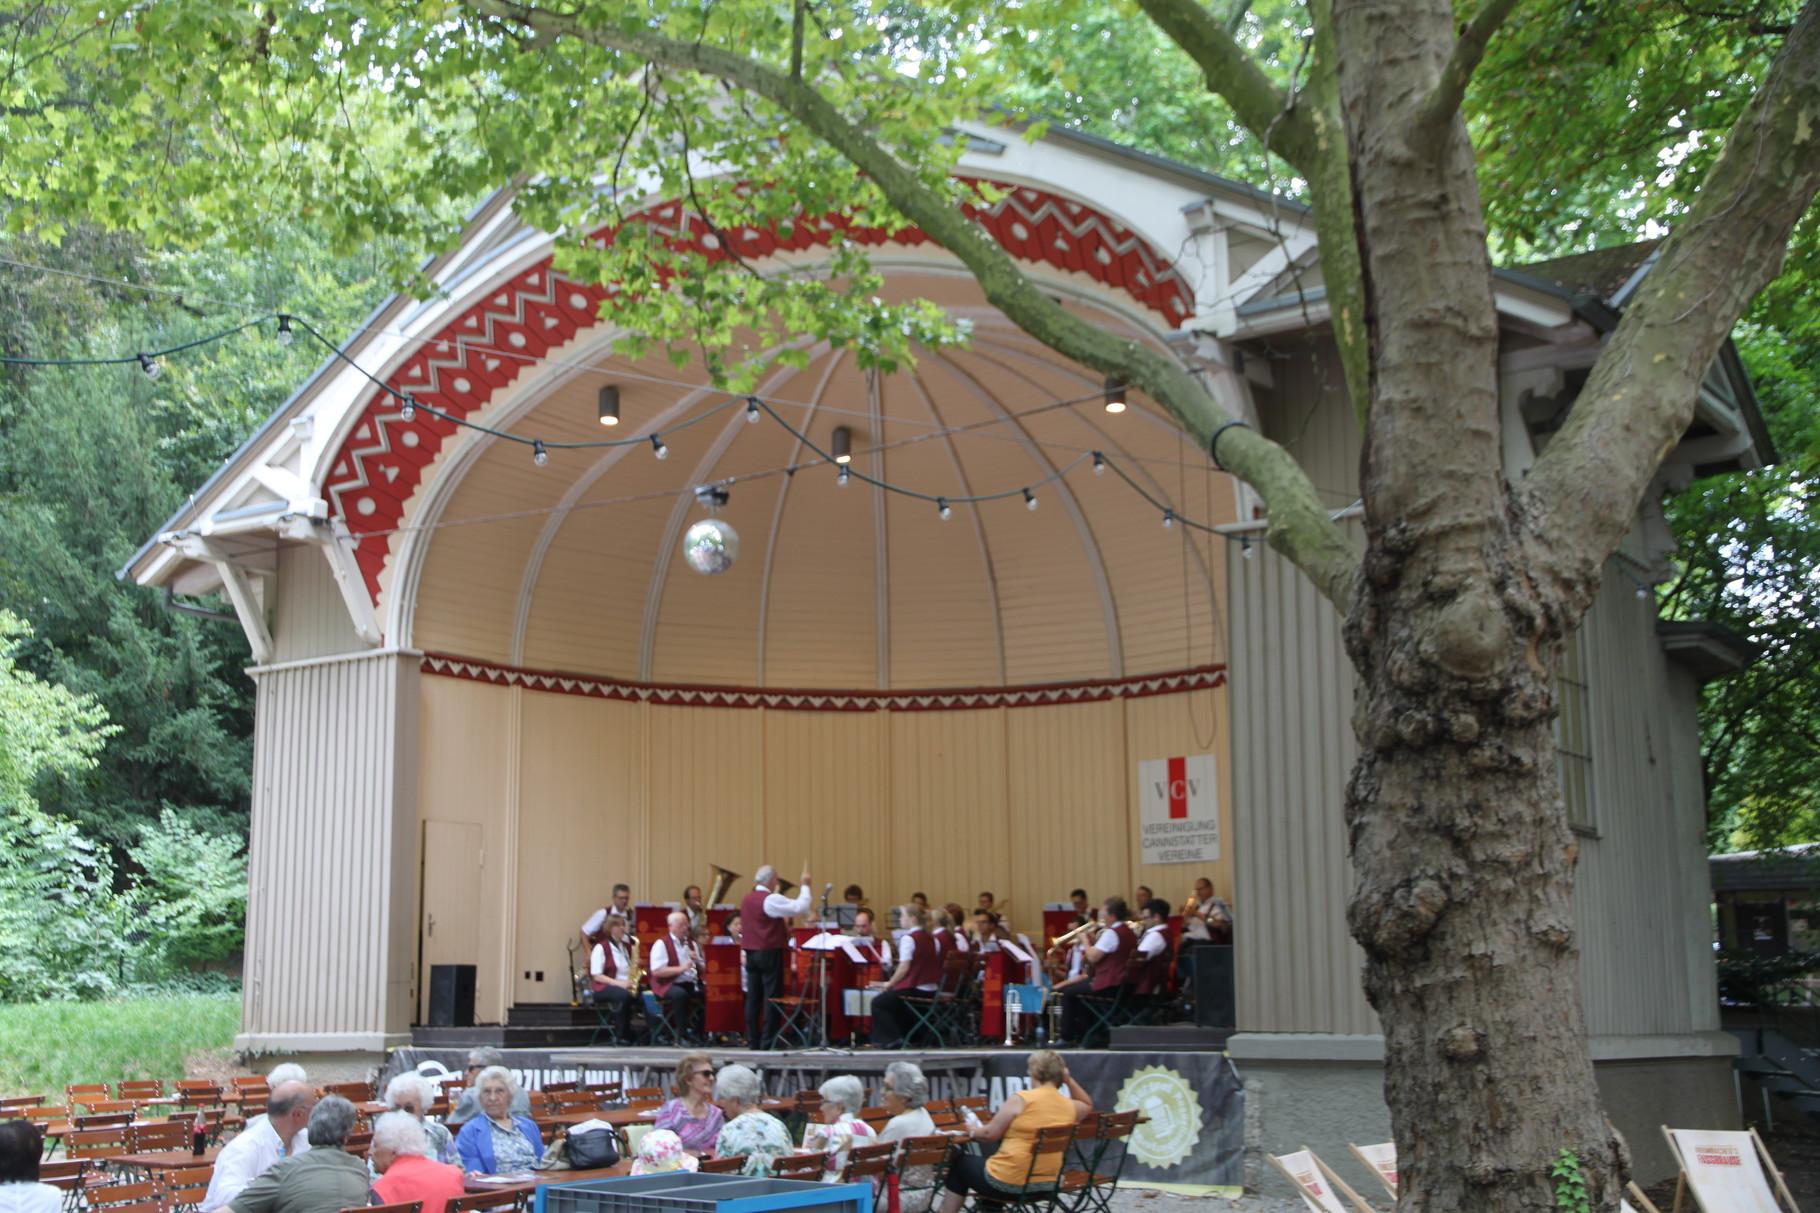 Musikverein Feuerbach